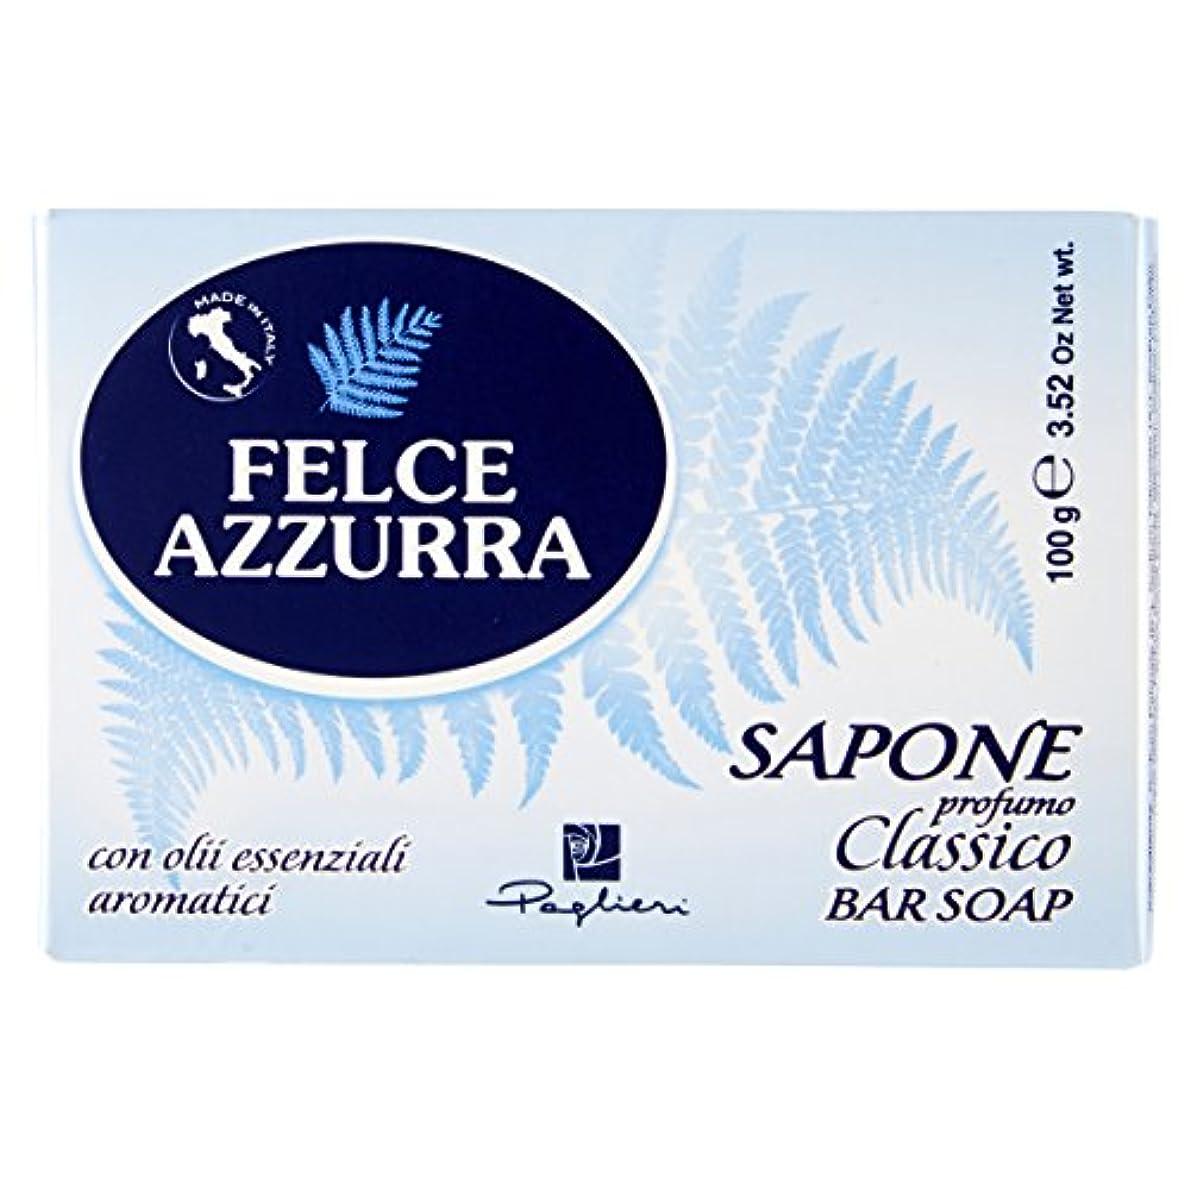 病院きしむ侵略Felce Azzurra Classico Bar Soap 100g soap by Felce Azzurra by Felce Azzurra